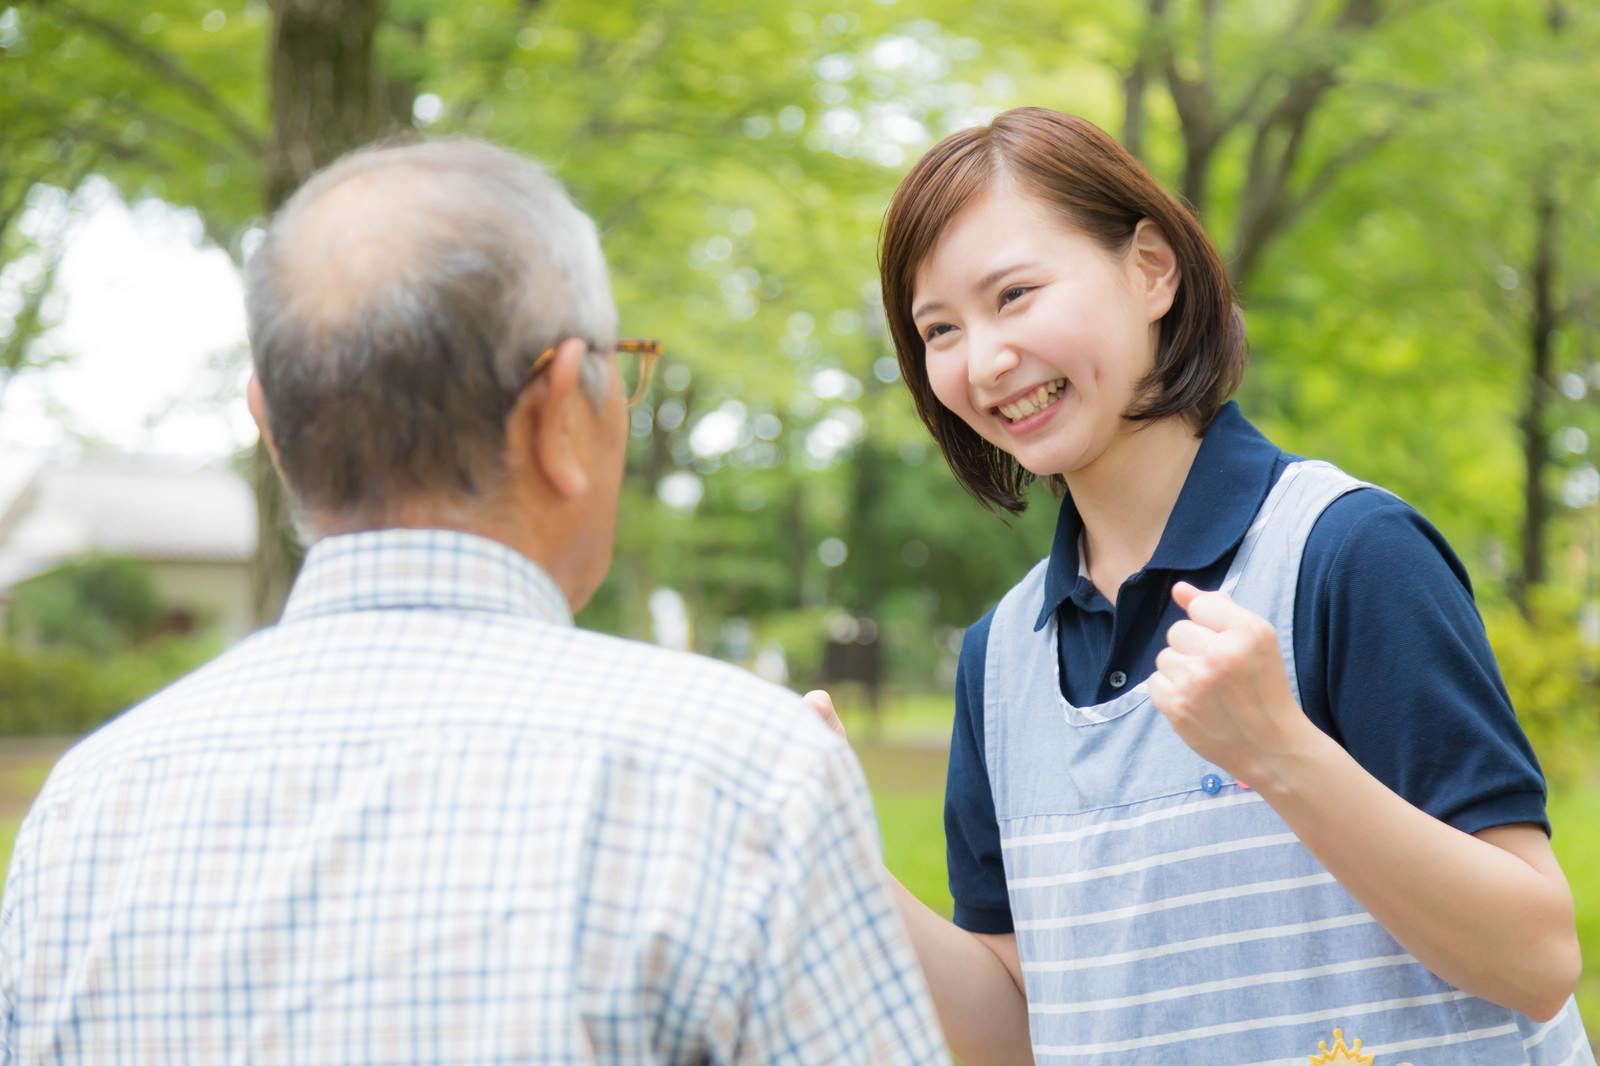 「高齢者を元気づける笑顔が素敵な女性介護士」の写真[モデル:まーちゃん yumiko]